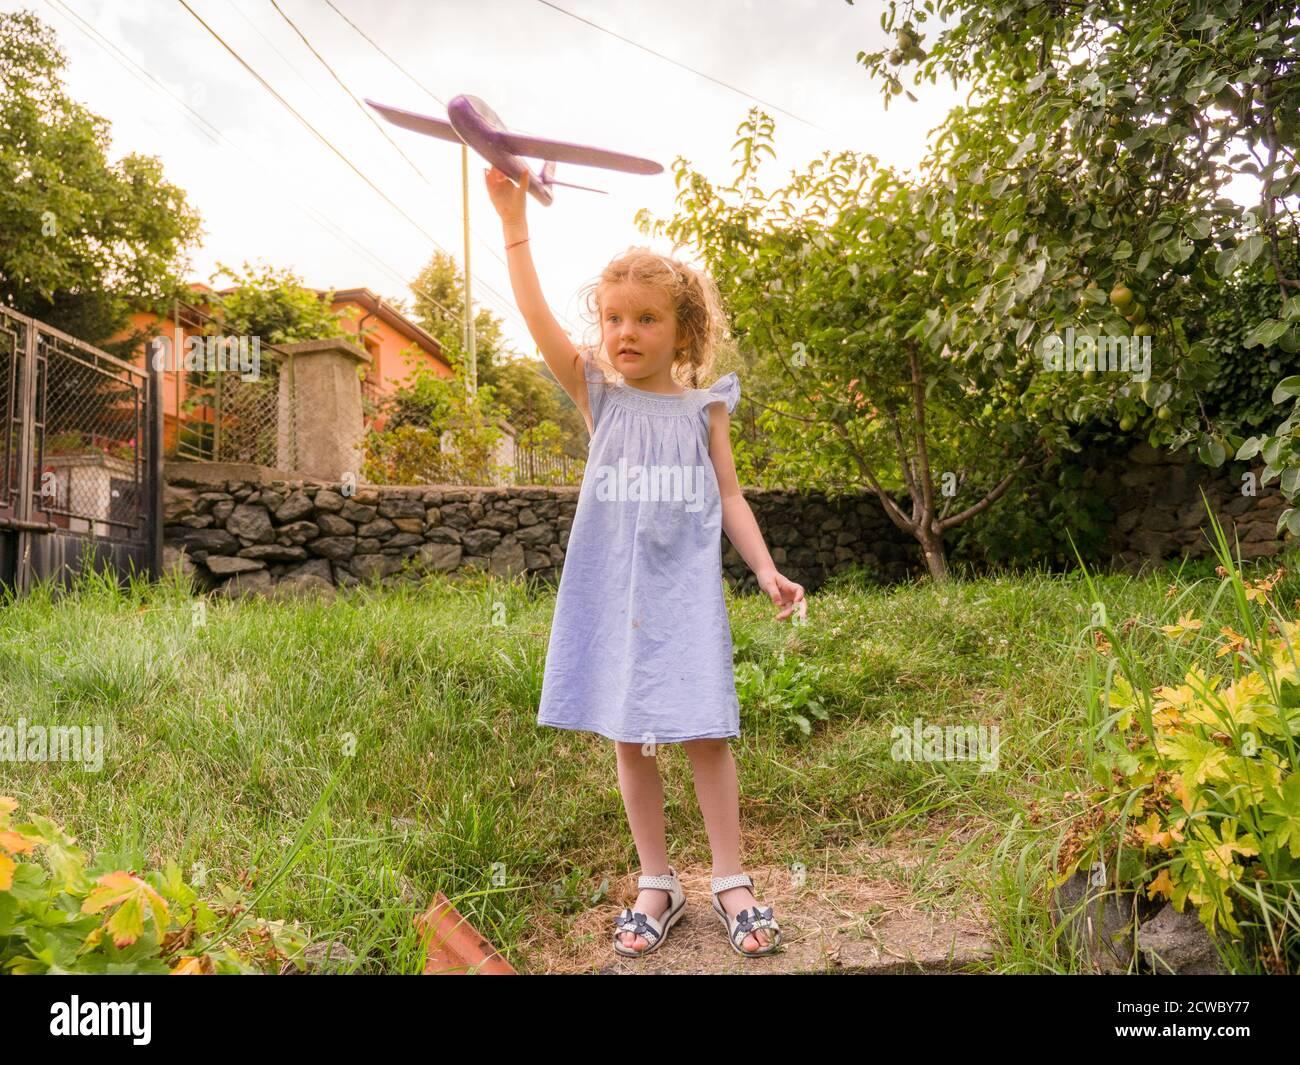 Bonne jeune fille volant jouet avion à l'extérieur dans le jardin Banque D'Images